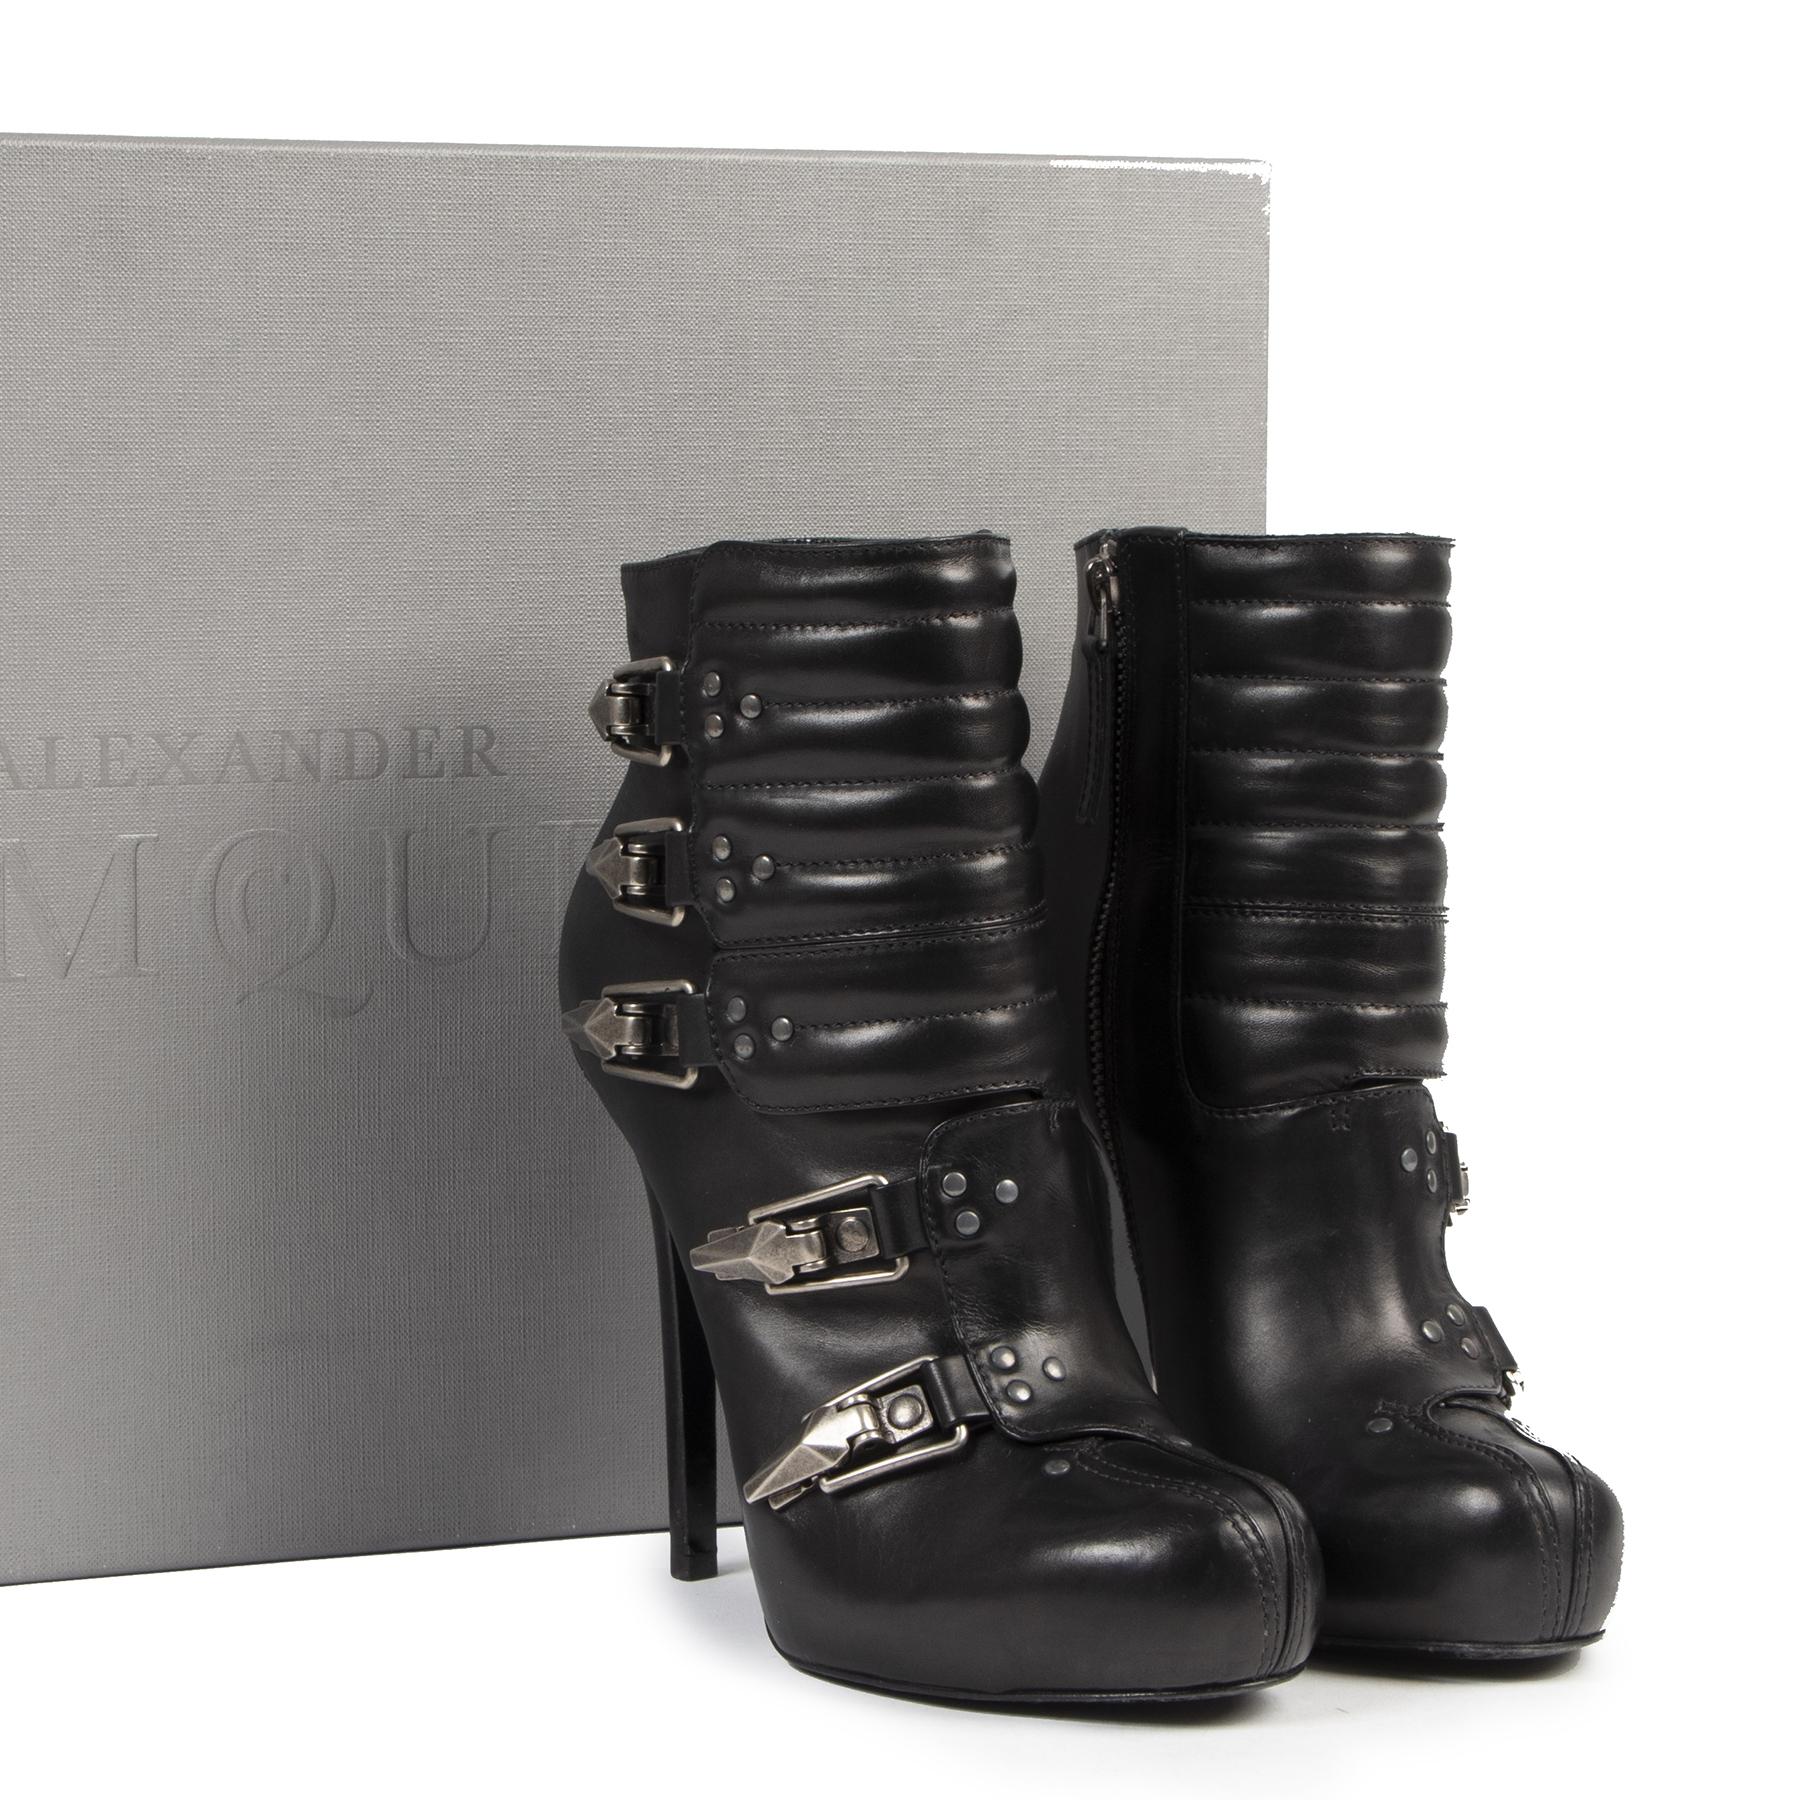 Authentique seconde-main vintage Alexander McQueen Buckled Leather Ankle Boots - Size 38 achète en ligne webshop LabelLOV